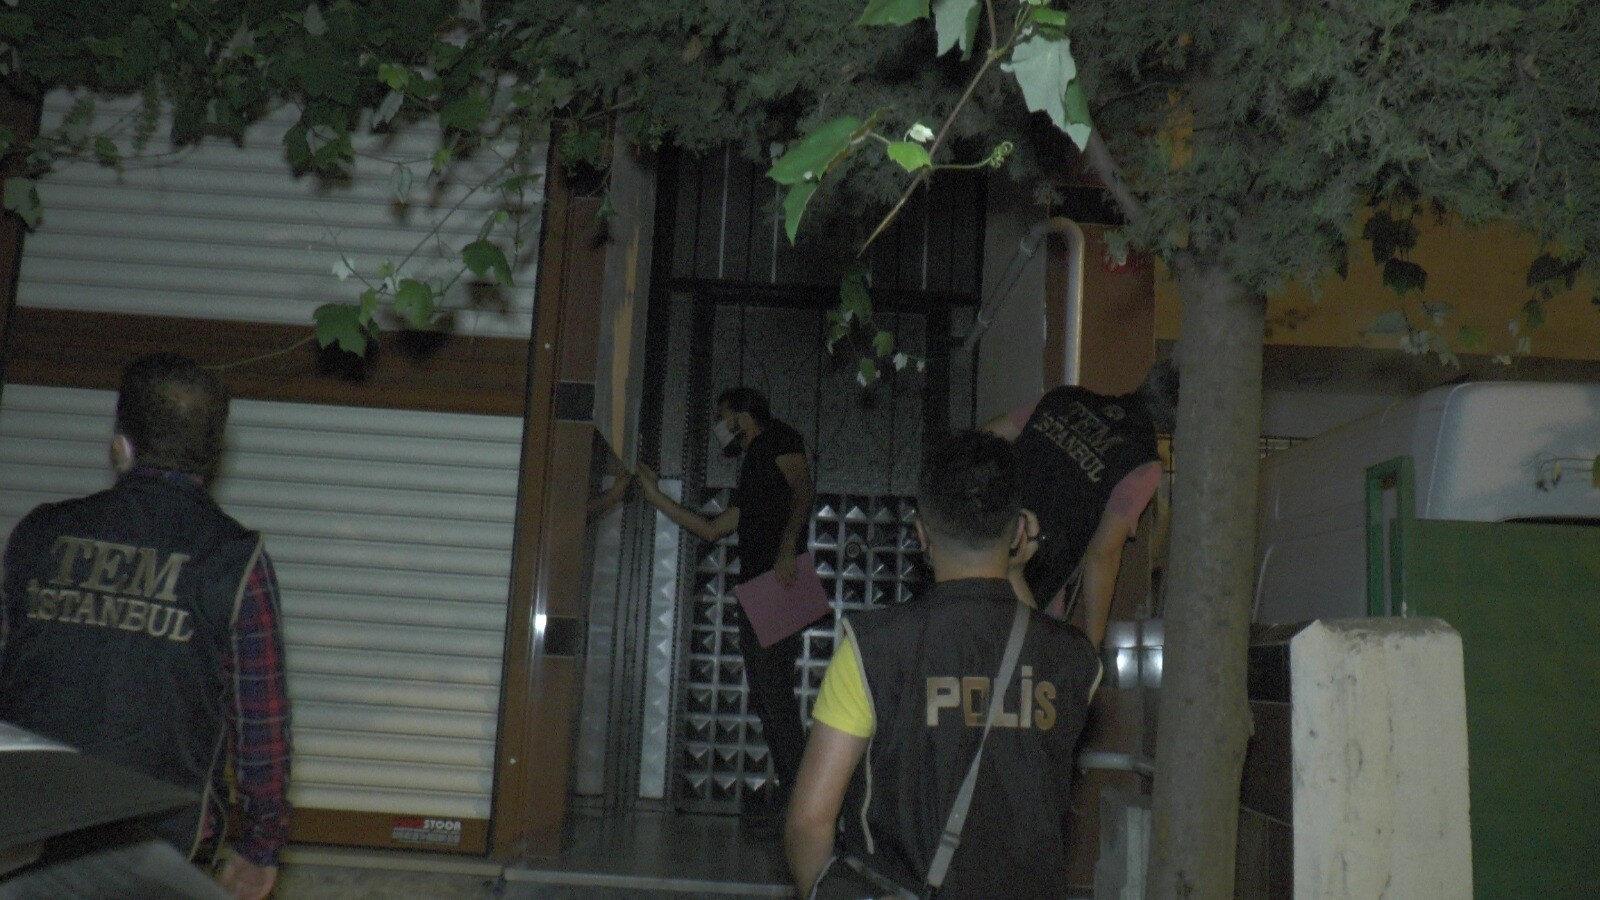 İstanbul'da gerçekleştirilen operasyon çok sayıda ilçede bulunan 30 adrese yapıldı.